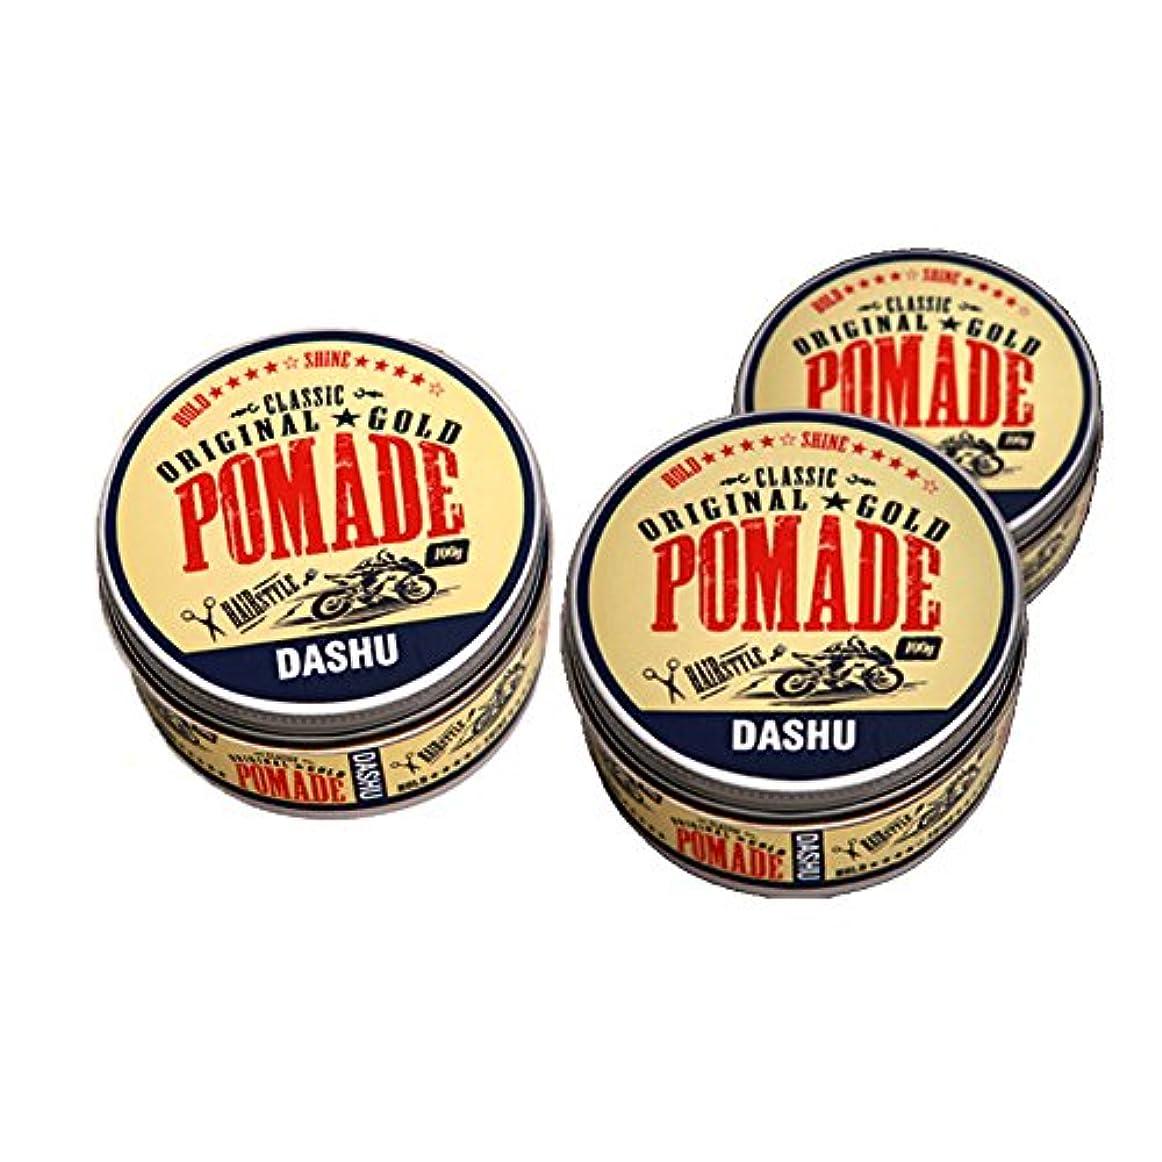 試すメディア何でも(3個セット) x [DASHU] ダシュ クラシックオリジナルゴールドポマードヘアワックス Classic Original Gold Pomade Hair Wax 100ml / 韓国製 . 韓国直送品